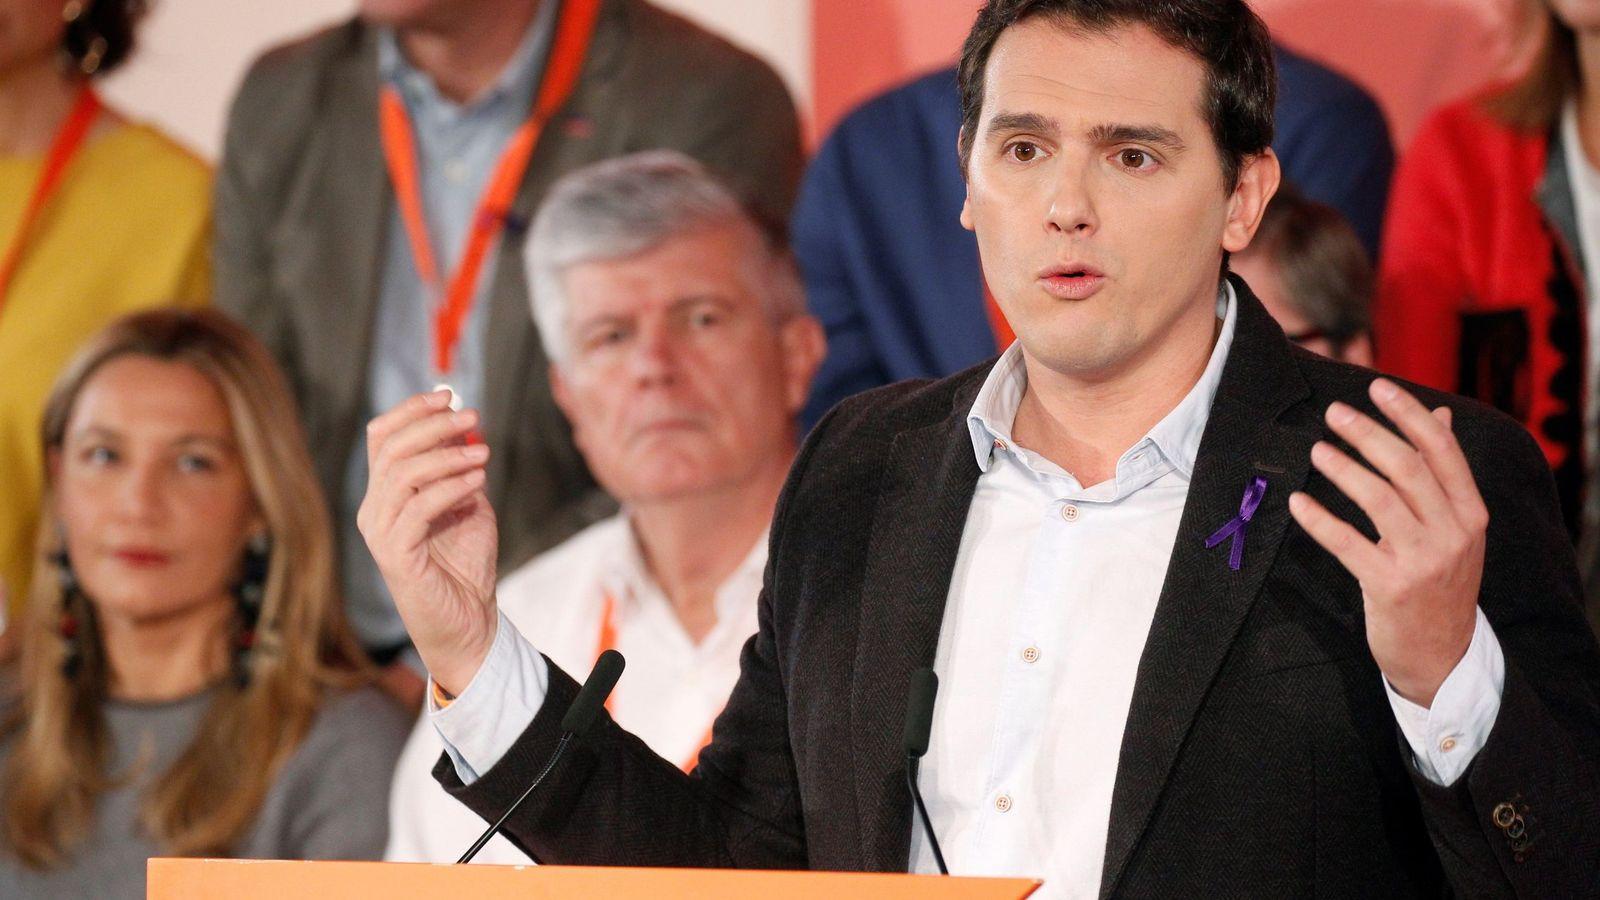 Foto: El presidente de Ciudadanos, Albert Rivera, presenta el programa electoral de su partido de cara a las elecciones del 21-D. (EFE)